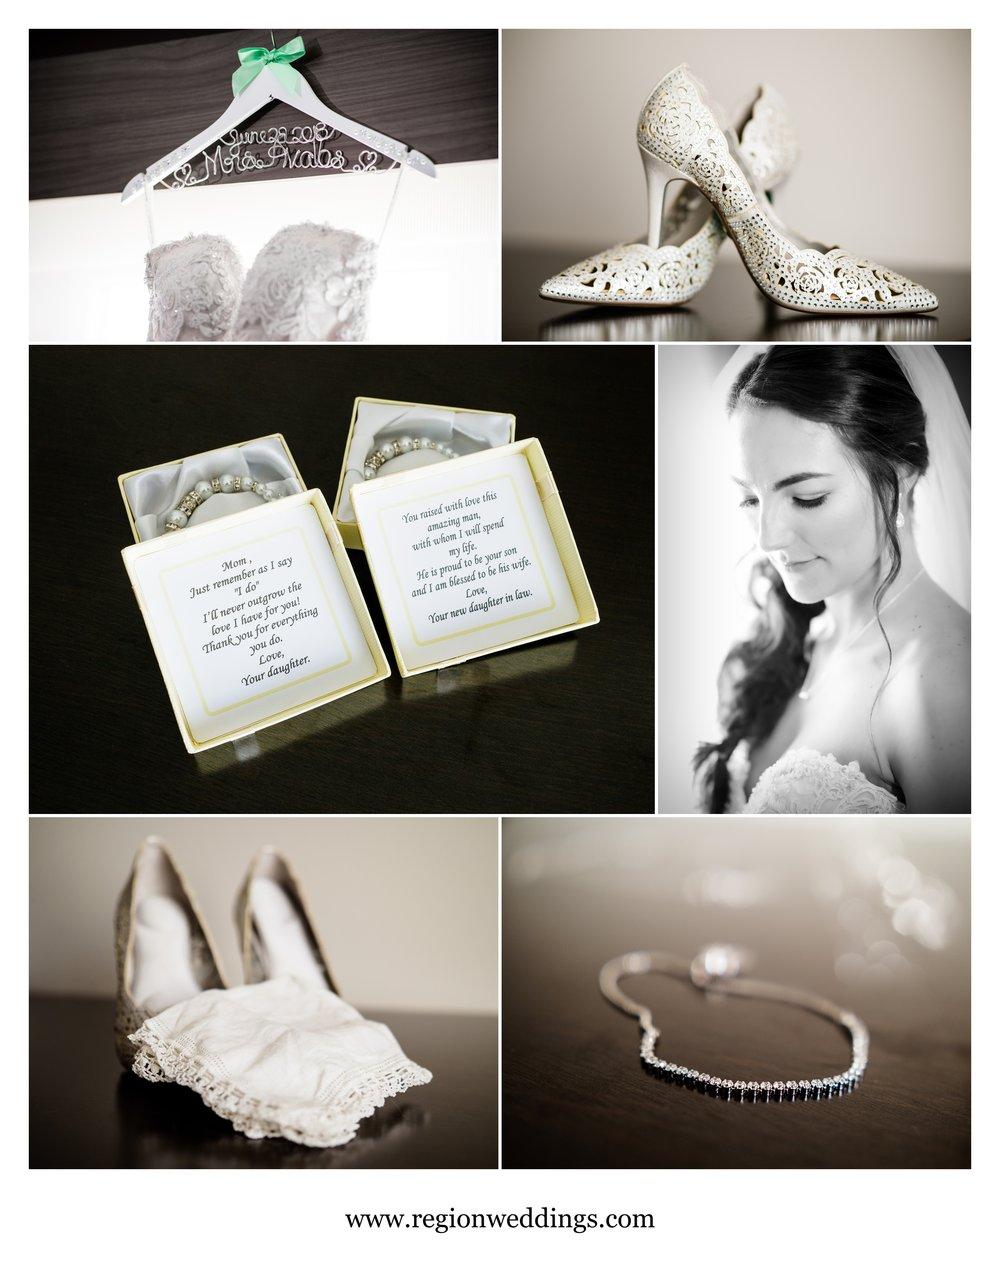 Bridal details for a Meyer's Castle wedding.